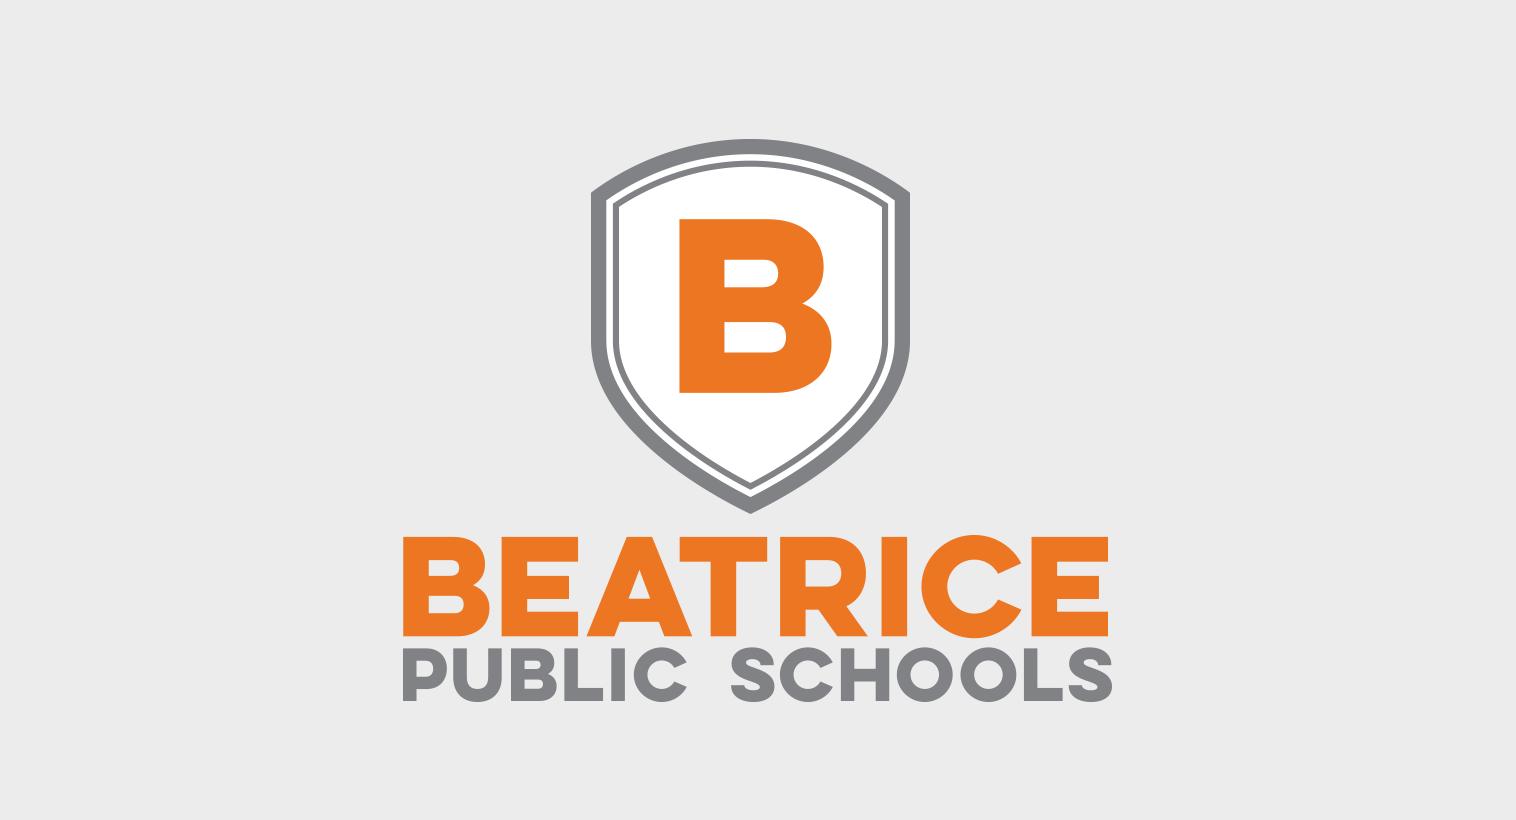 Beatrice Public Schools